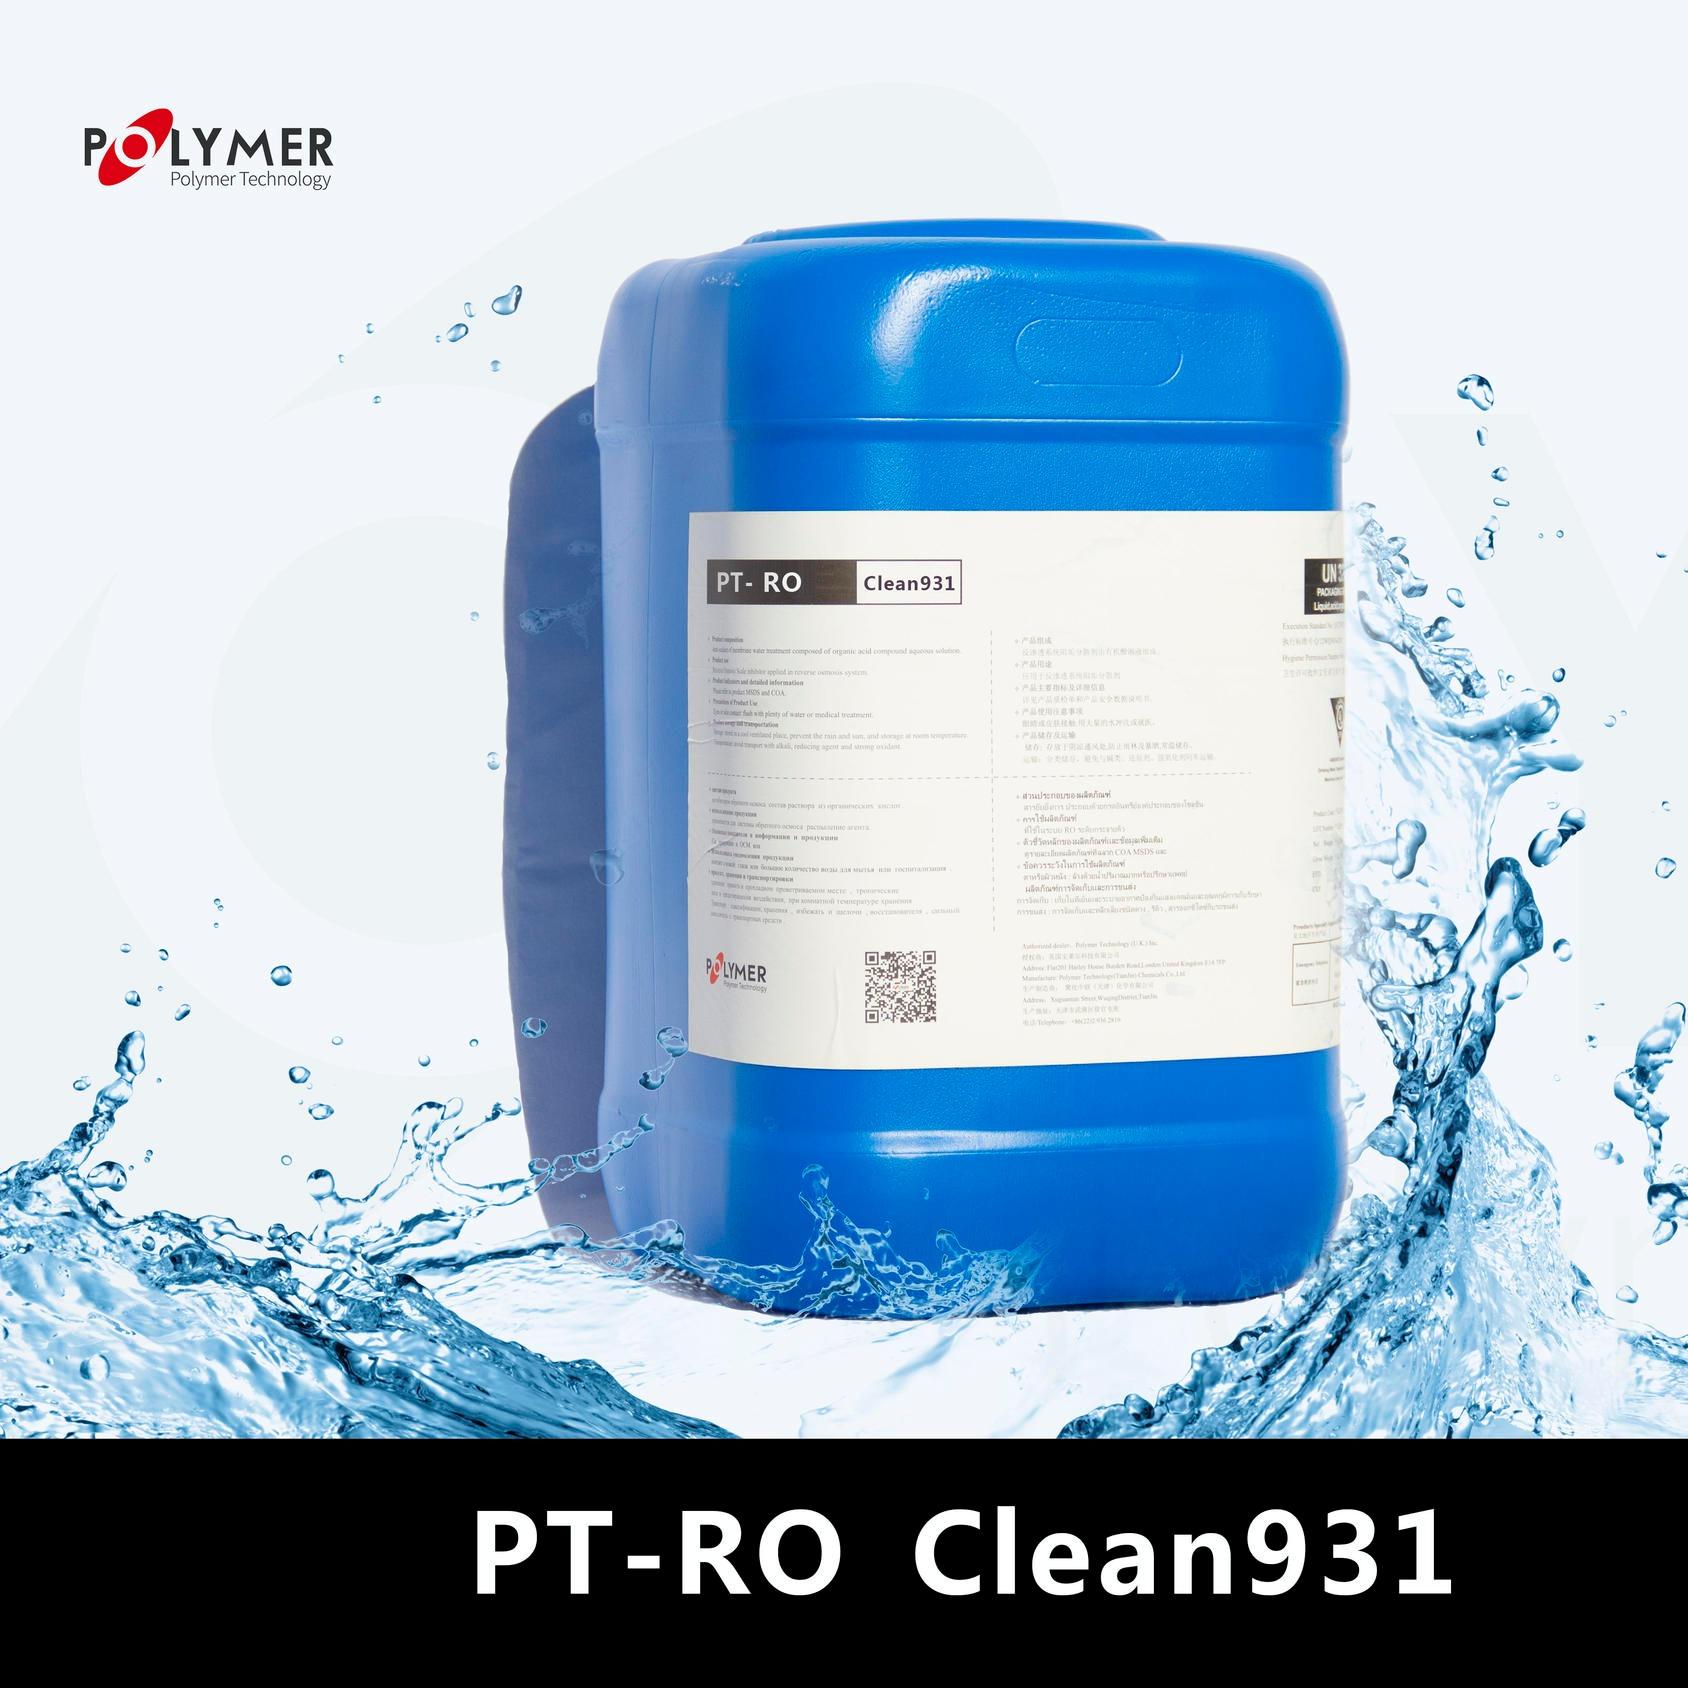 宝莱尔 反渗透碱性清洗剂 PT-RO Clean931 英国POLYMER品牌 厂家直供 价格优 批发  价格面谈